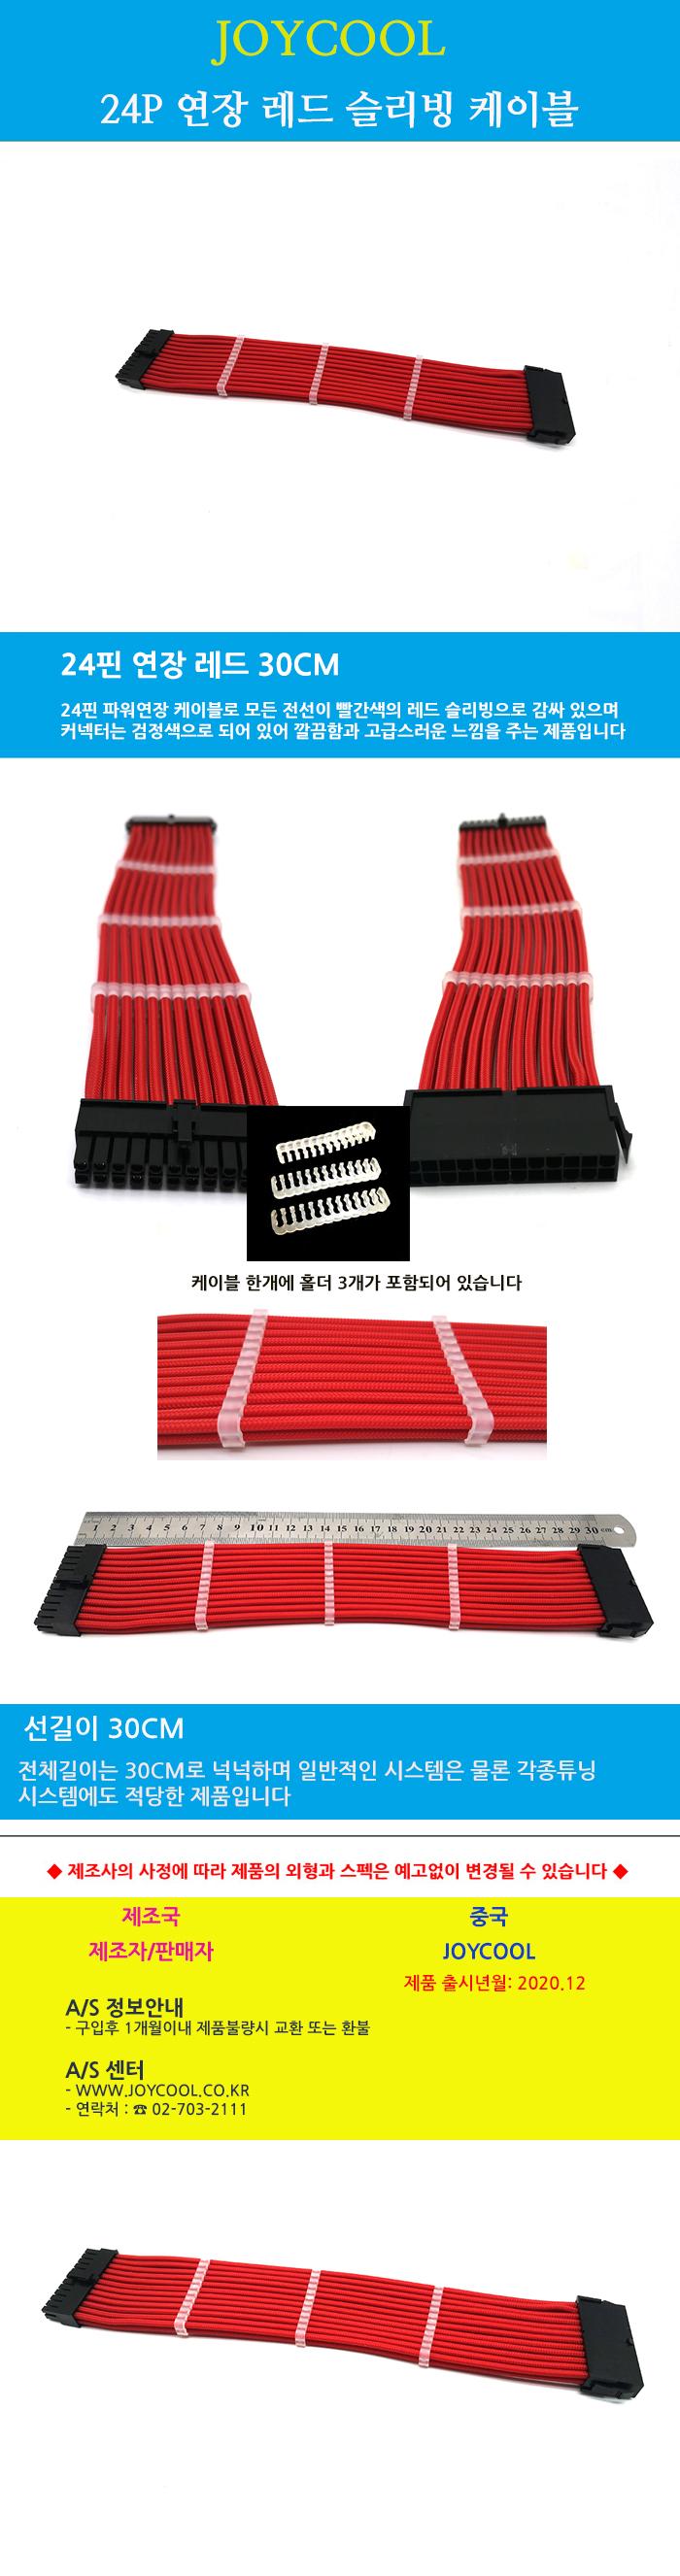 조이쿨 조이쿨 24핀 연장 슬리빙 케이블 (레드, 0.3m)